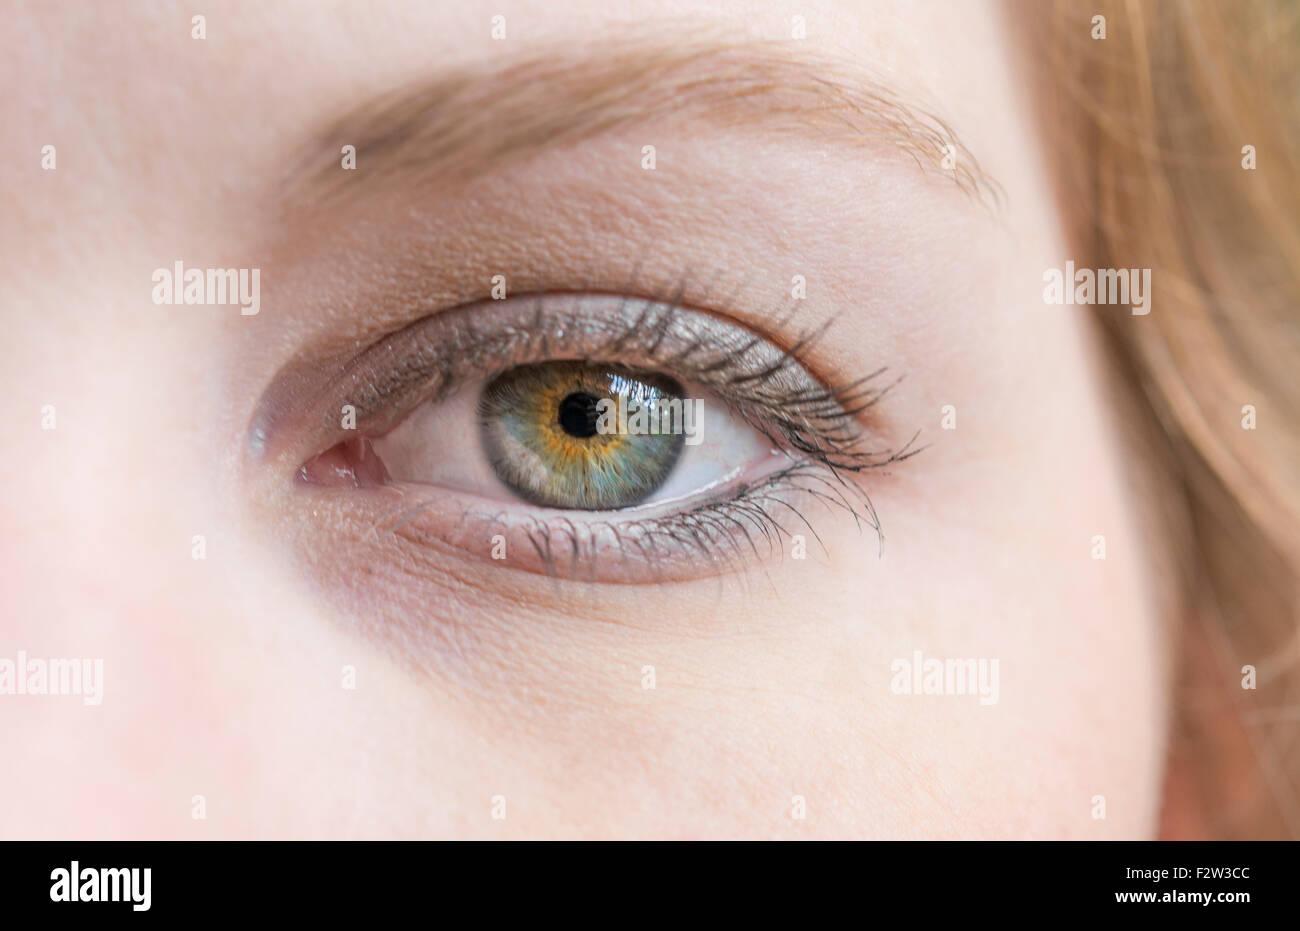 Cerca de jóvenes muchachas el rostro y los ojos parpadeando señor modelo abstracto liberado Imagen De Stock